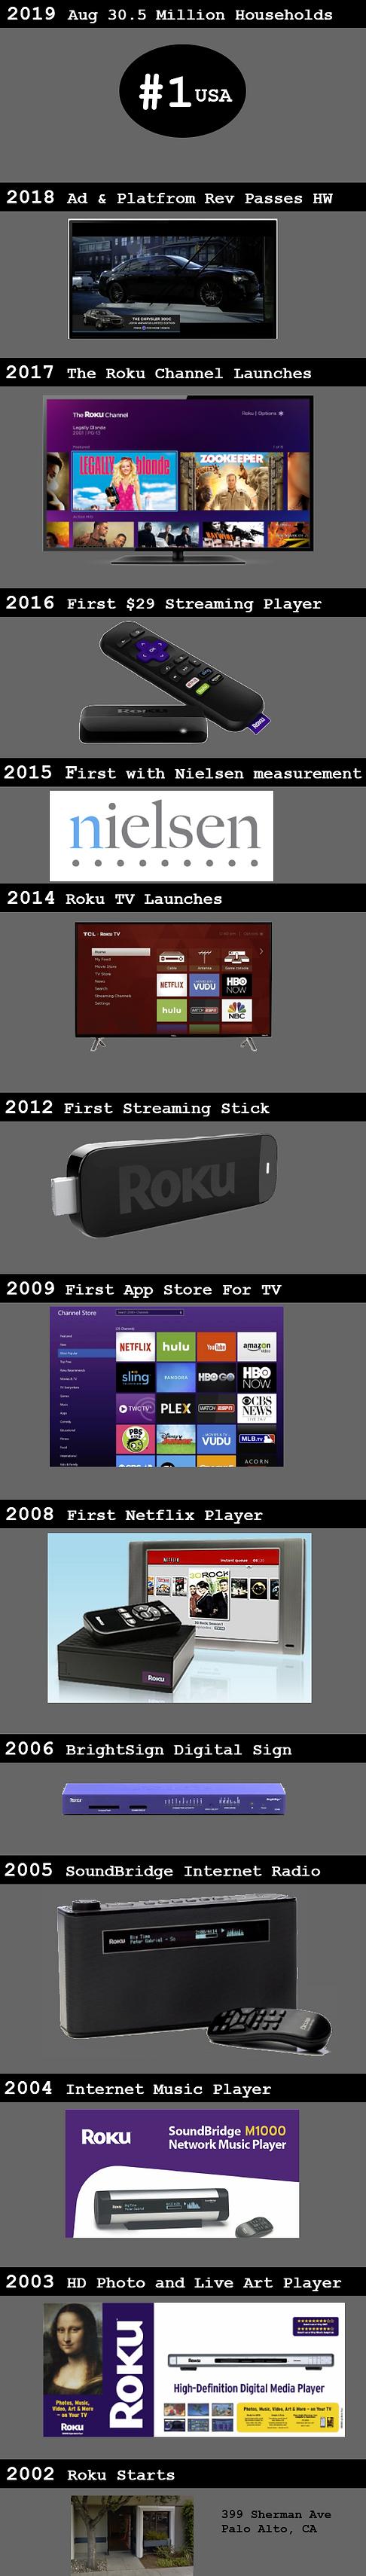 Roku Timeline B.png